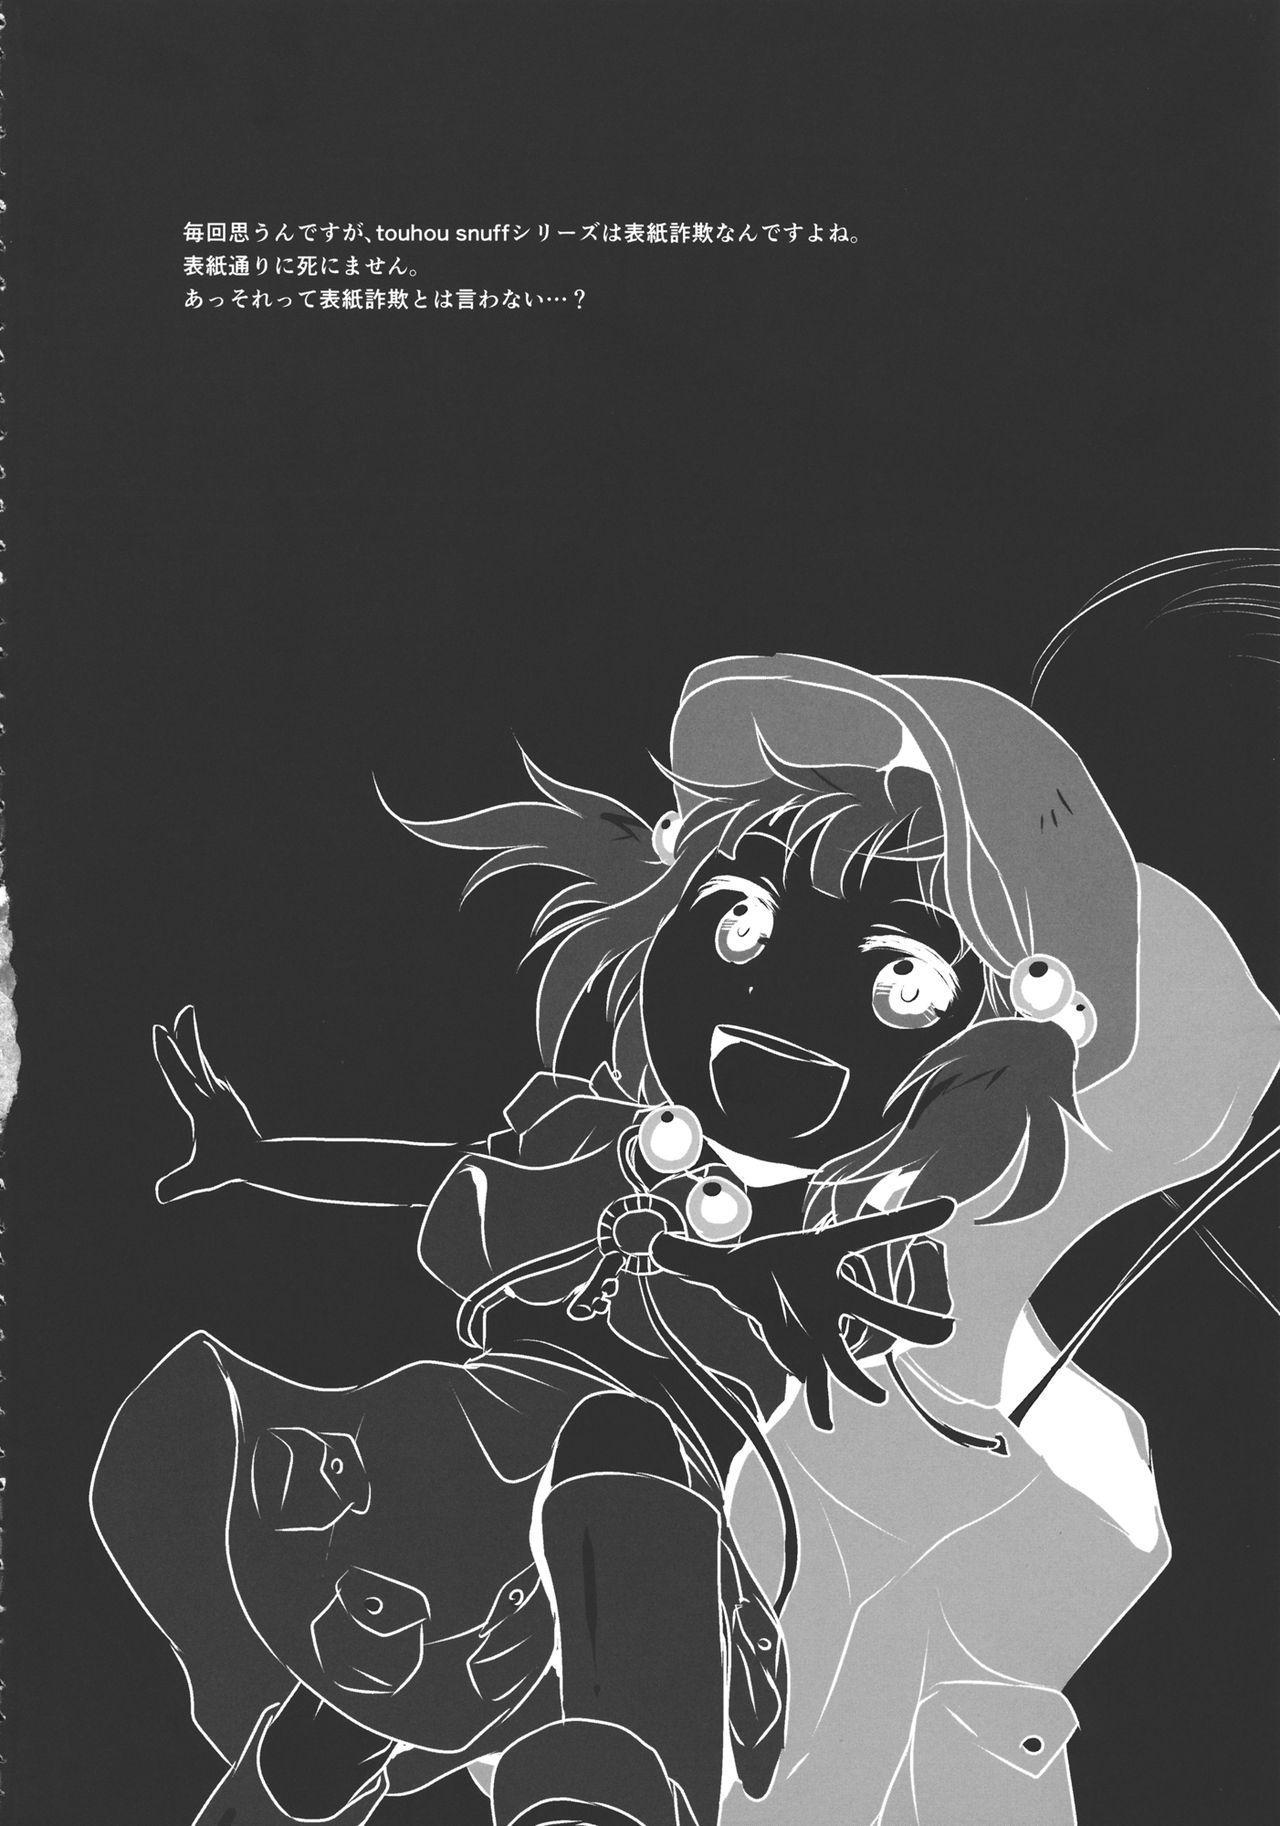 (Kouroumu 9) [02 (Harasaki)] (Kojin Satsuei)(Touhou)(Kouroumu 9)[02] Touhou snuff vol.3 Kawashiro Nitori (Mushuusei) (Loli-kei Youjo no Kirei na Hadaka wo Suki Houdai shichai mashita!).avi (Touhou Project) [Chinese] [布洛基个人汉化] 4